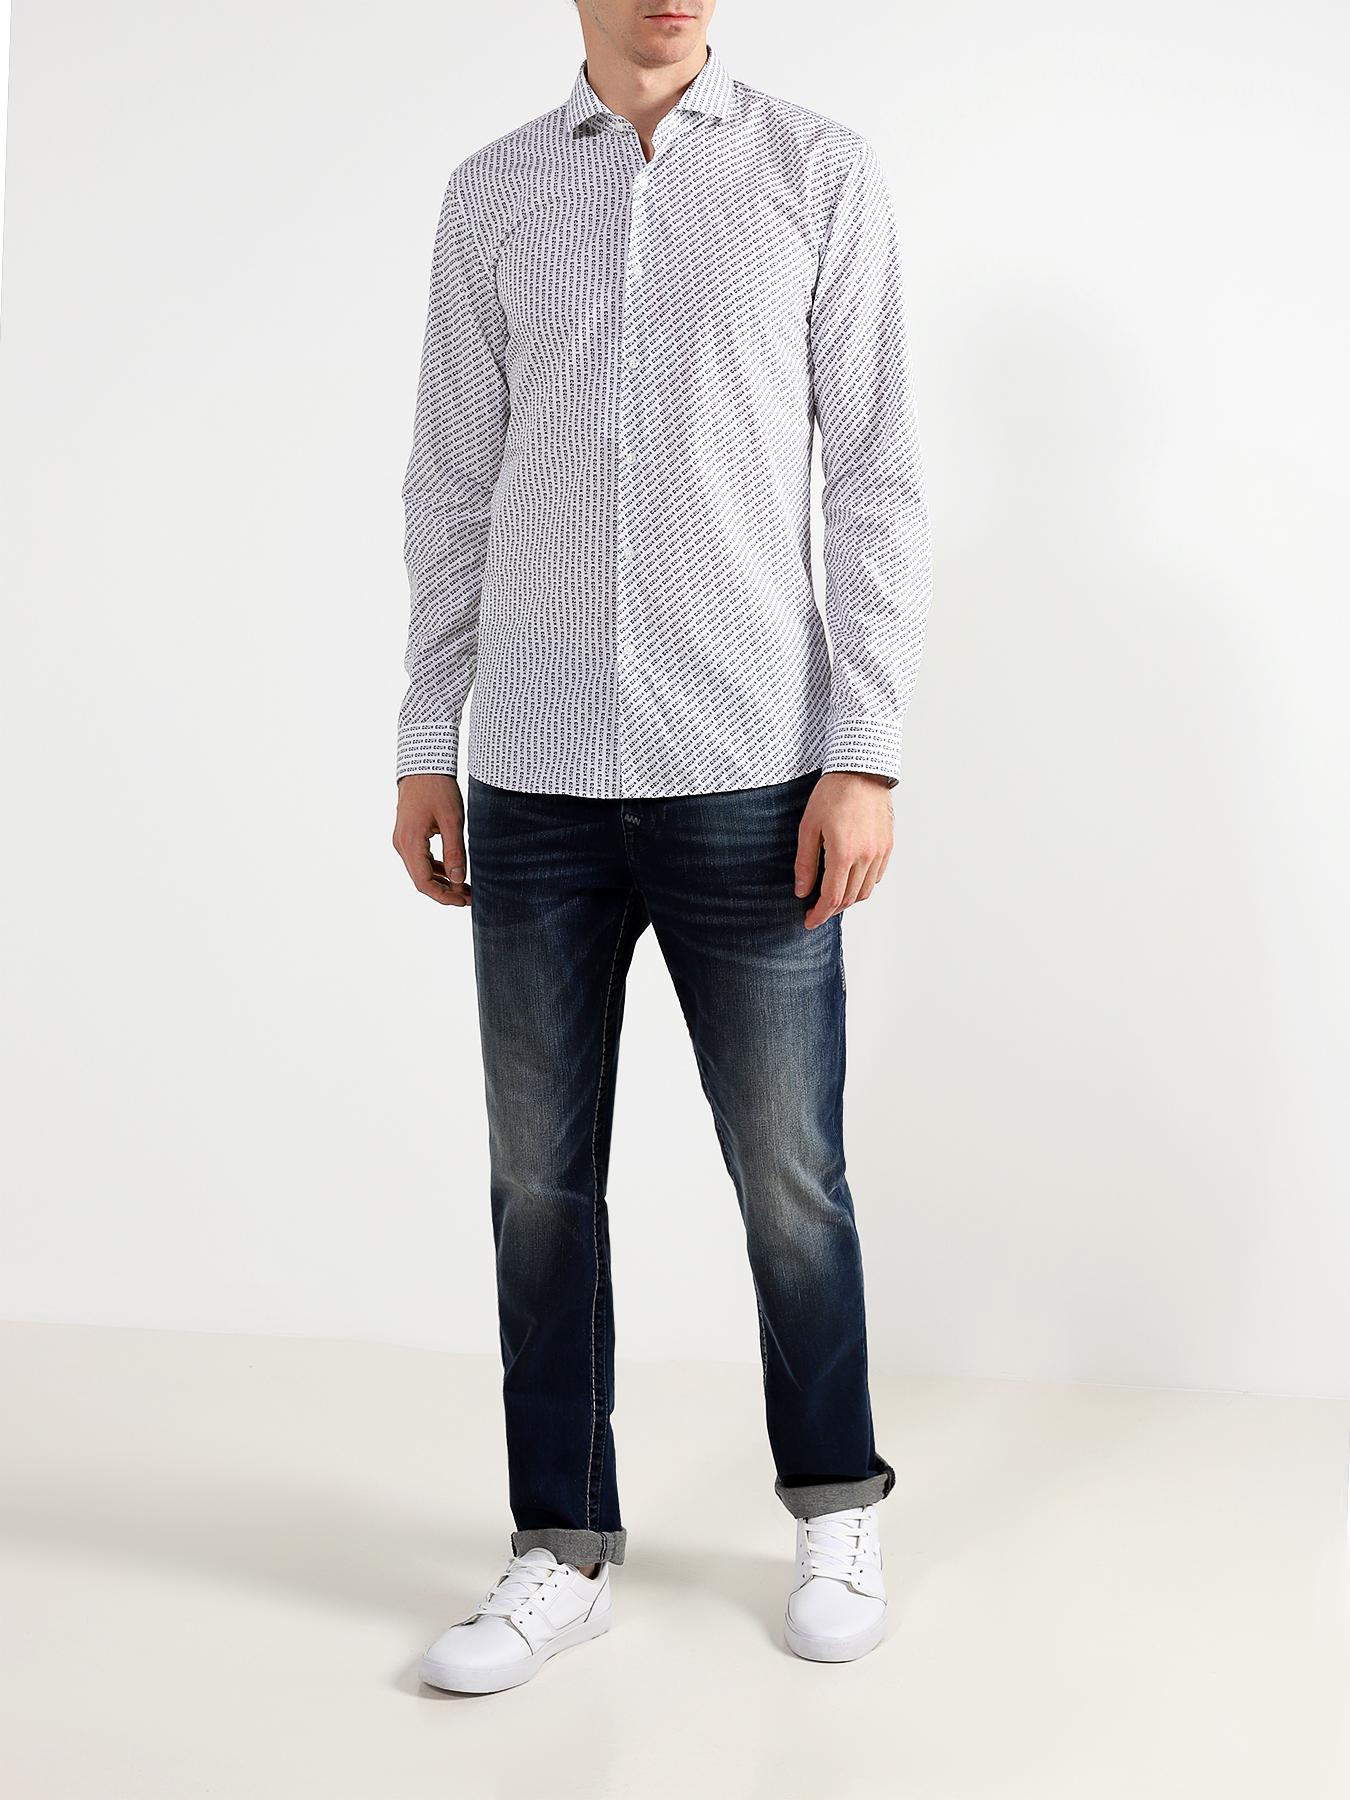 HUGO Хлопковая рубашка Erriko фото